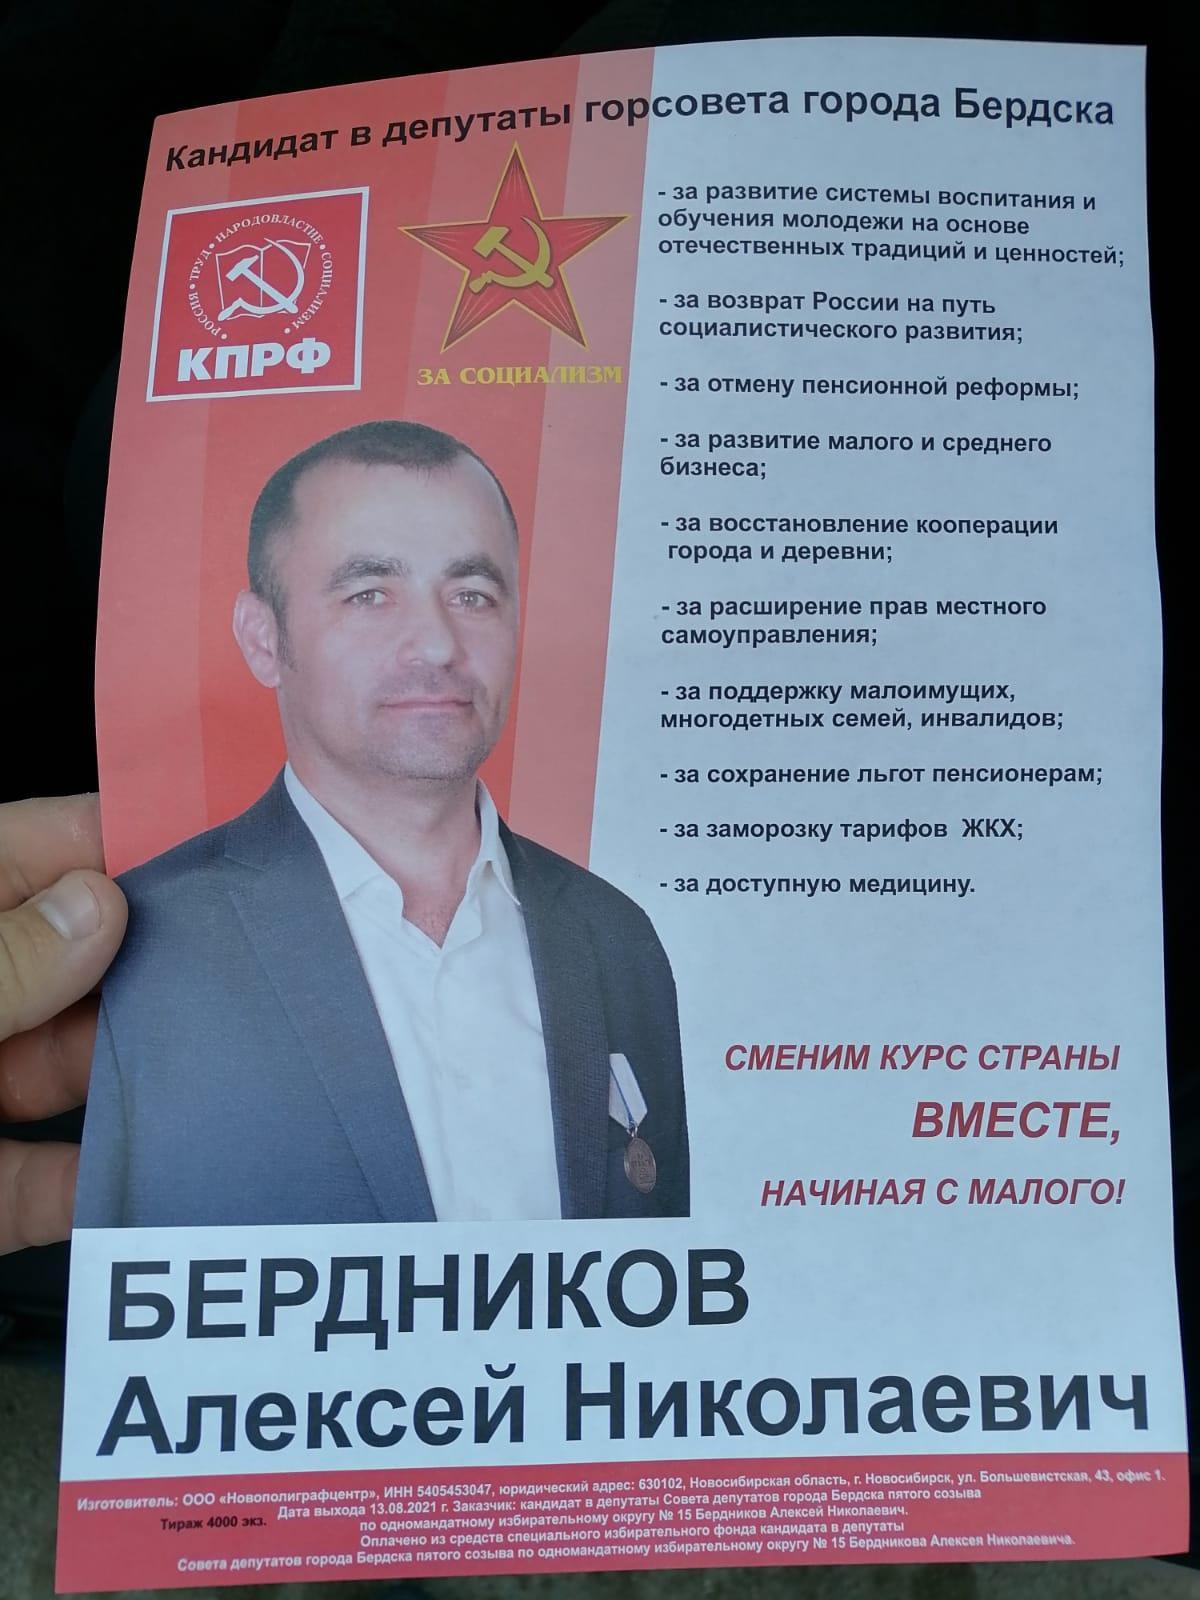 Фото «250 рублей в час, 1,5 рубля – газета»: как зарабатывают на выборах в Новосибирске 3